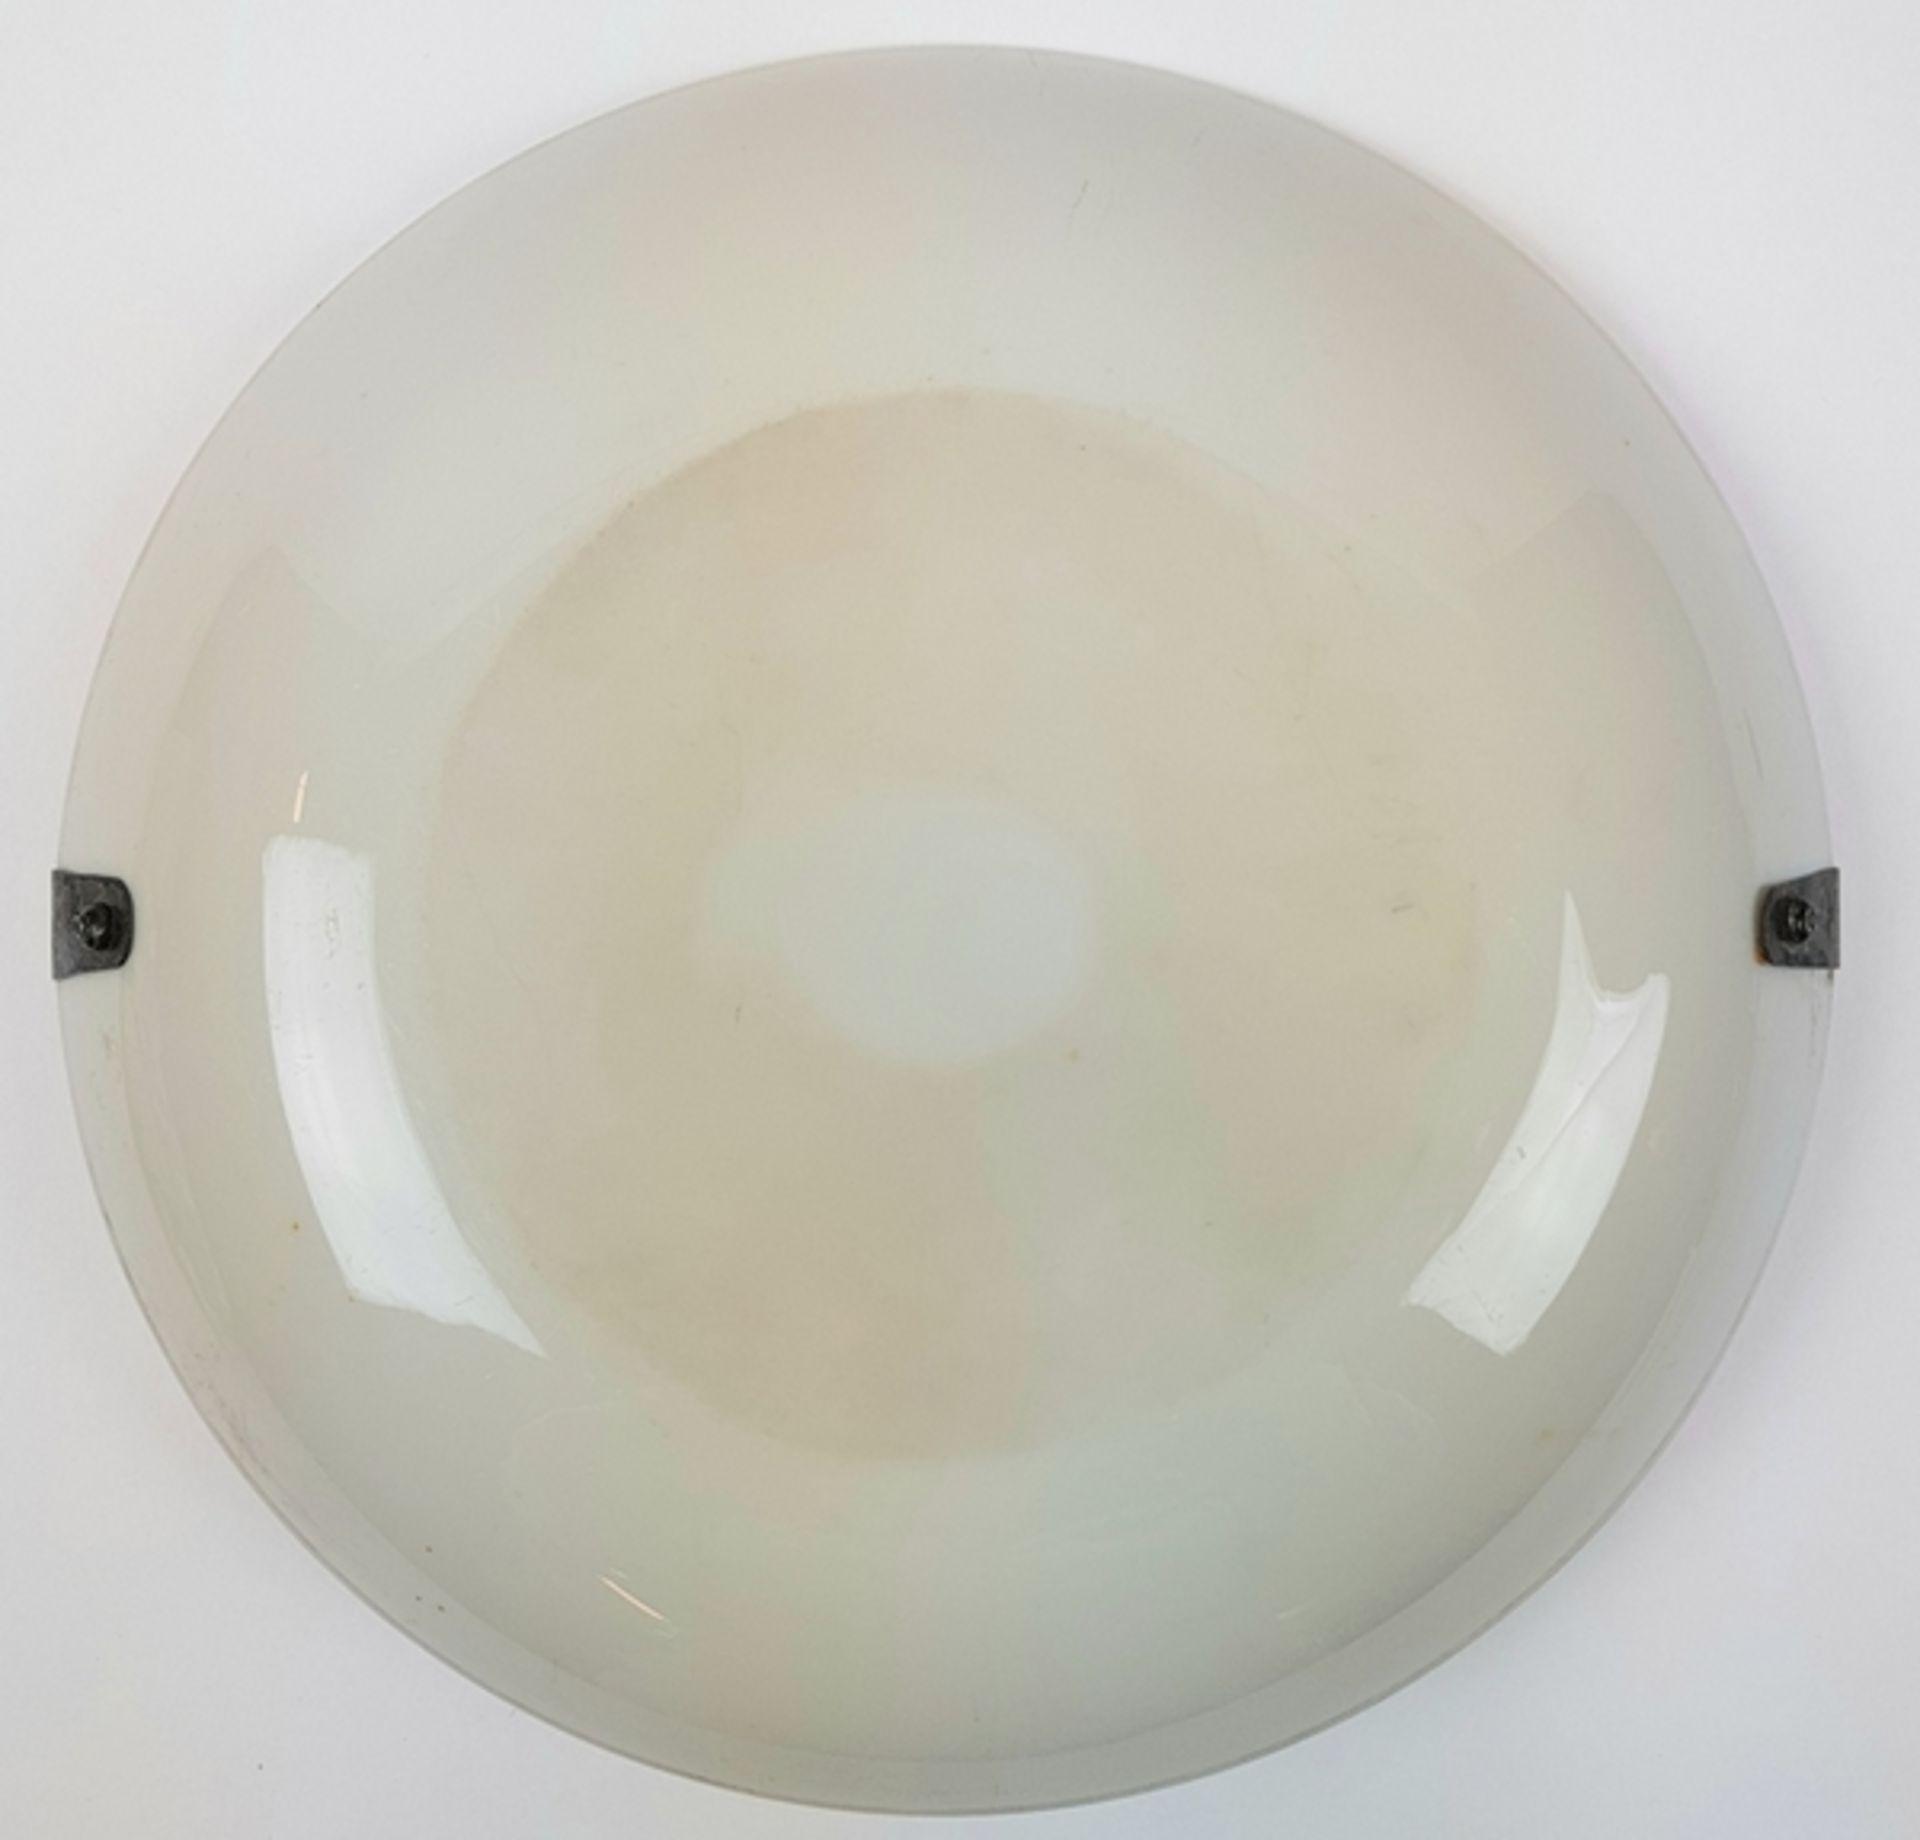 (Antiek) Serveerschaal met zilveren hengselBeschilderde opaline schaal met zilveren hengsel, ci - Image 7 of 8